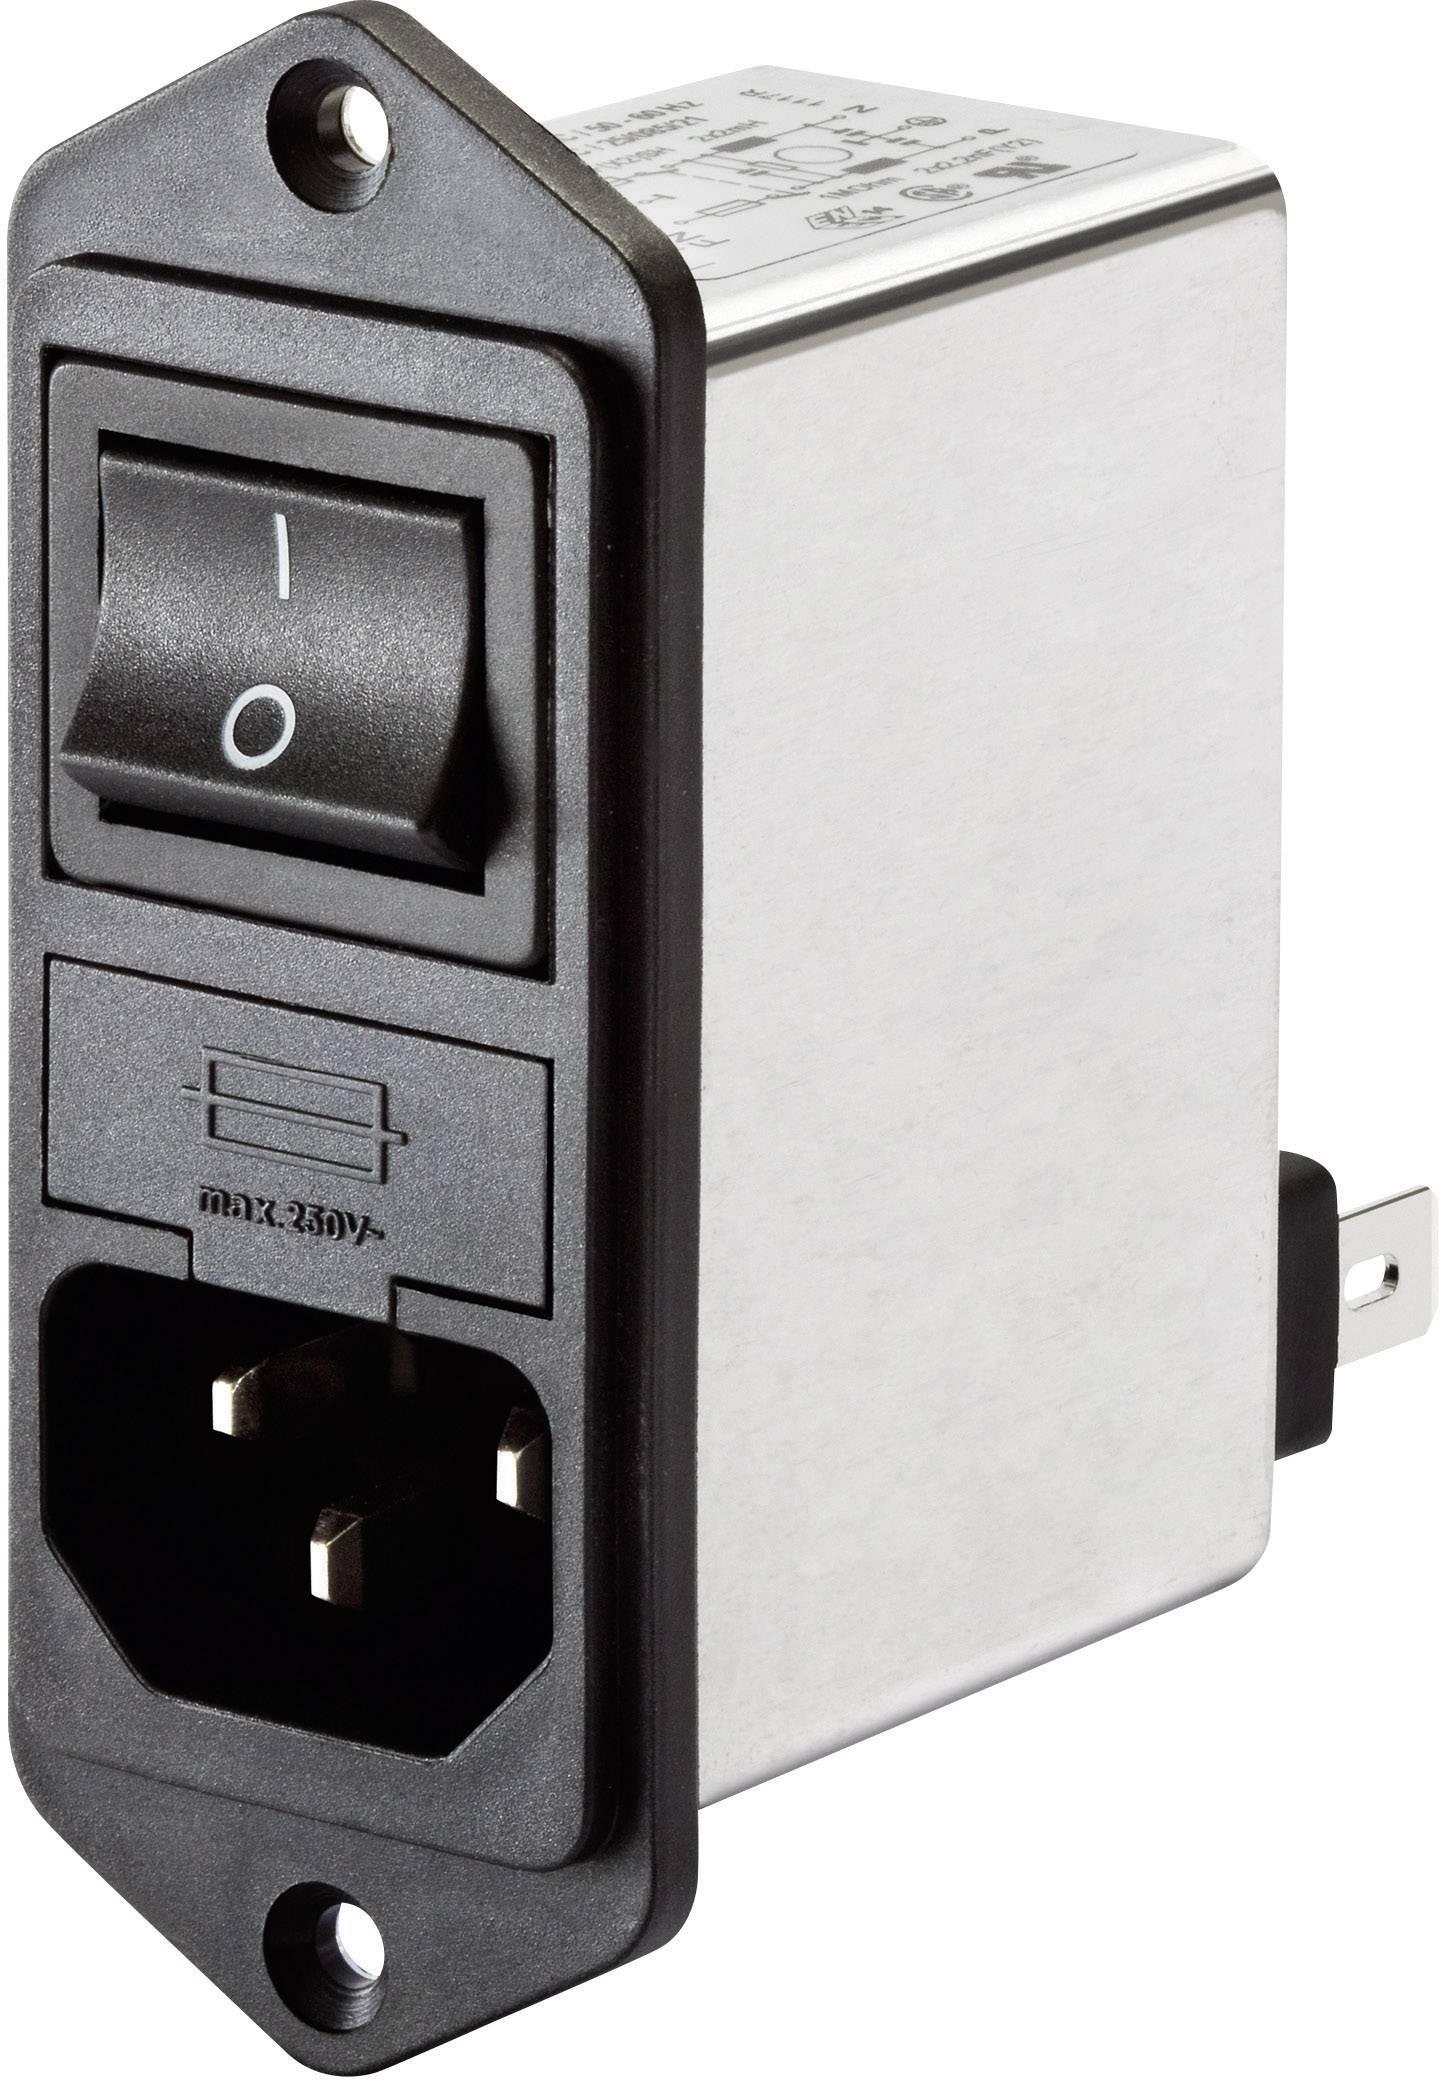 Sieťový filter Schaffner FN 281-6-06 FN 281-6-06, so spínačom, s IEC zásuvkou, 250 V/AC, 6 A, 0.45 mH, 1 ks